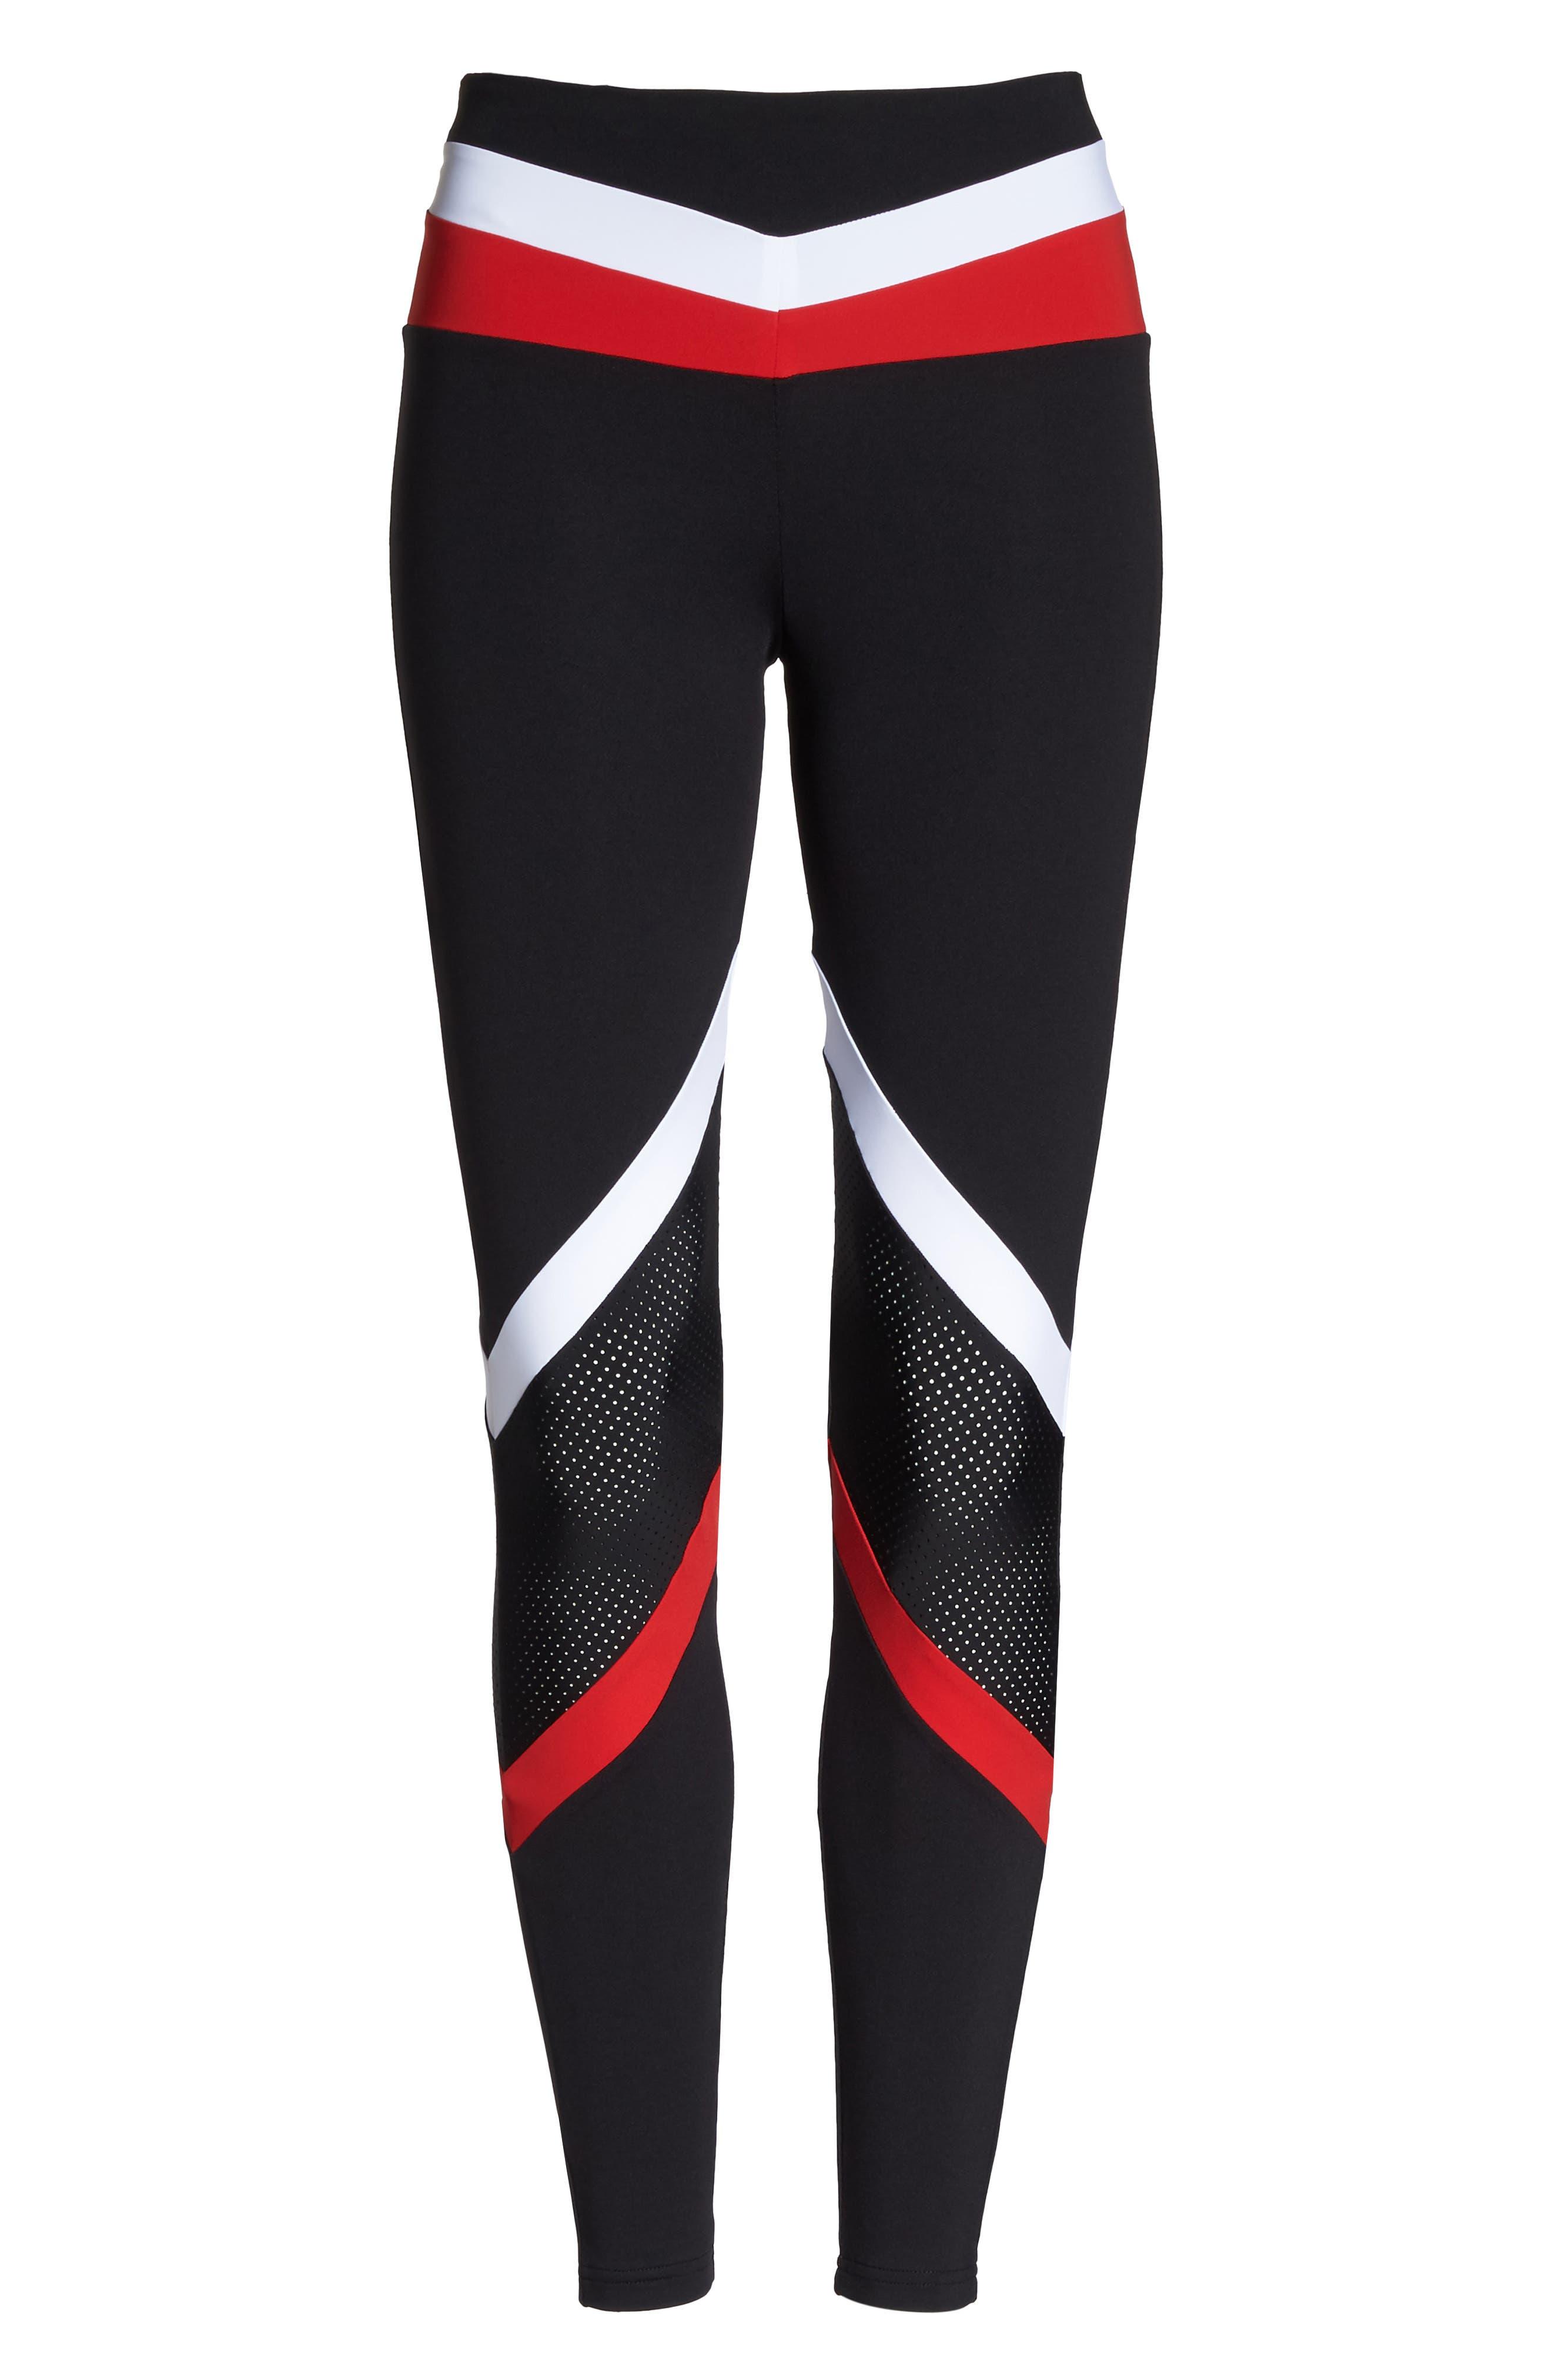 BoomBoom Athletica Leggings,                             Alternate thumbnail 7, color,                             Black/ White/ Red